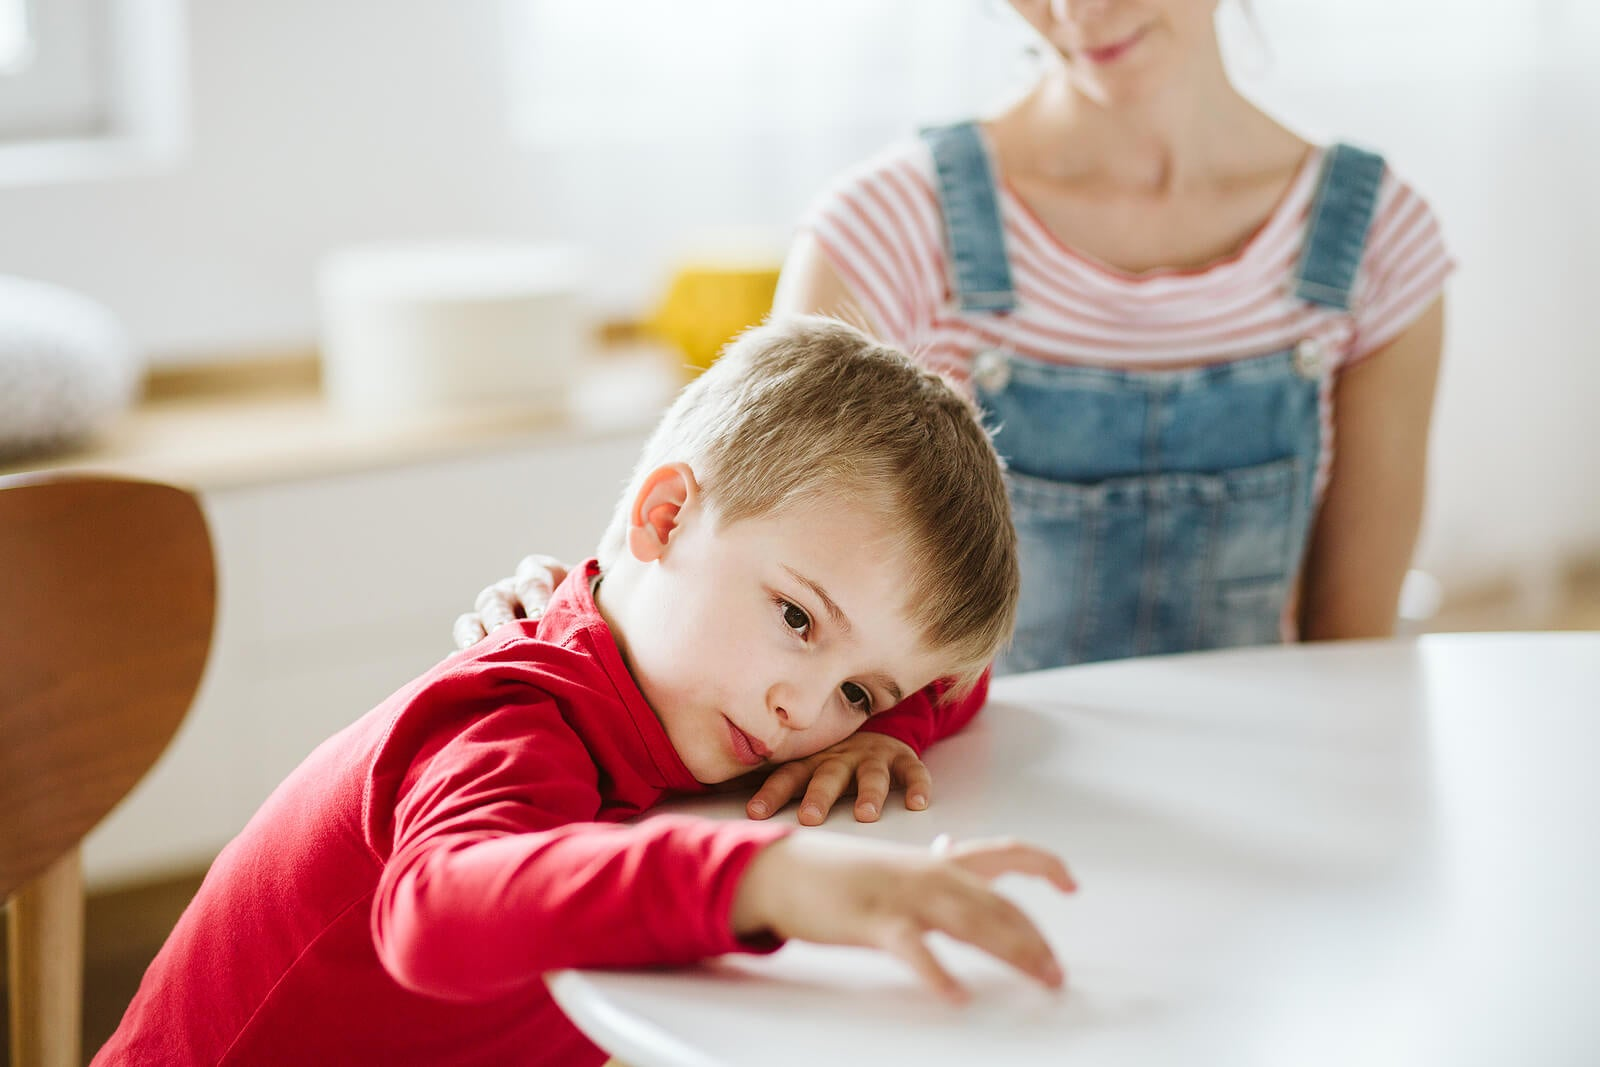 miti sull'autismo: l'autismo non è causato dalla mancanza di affetto